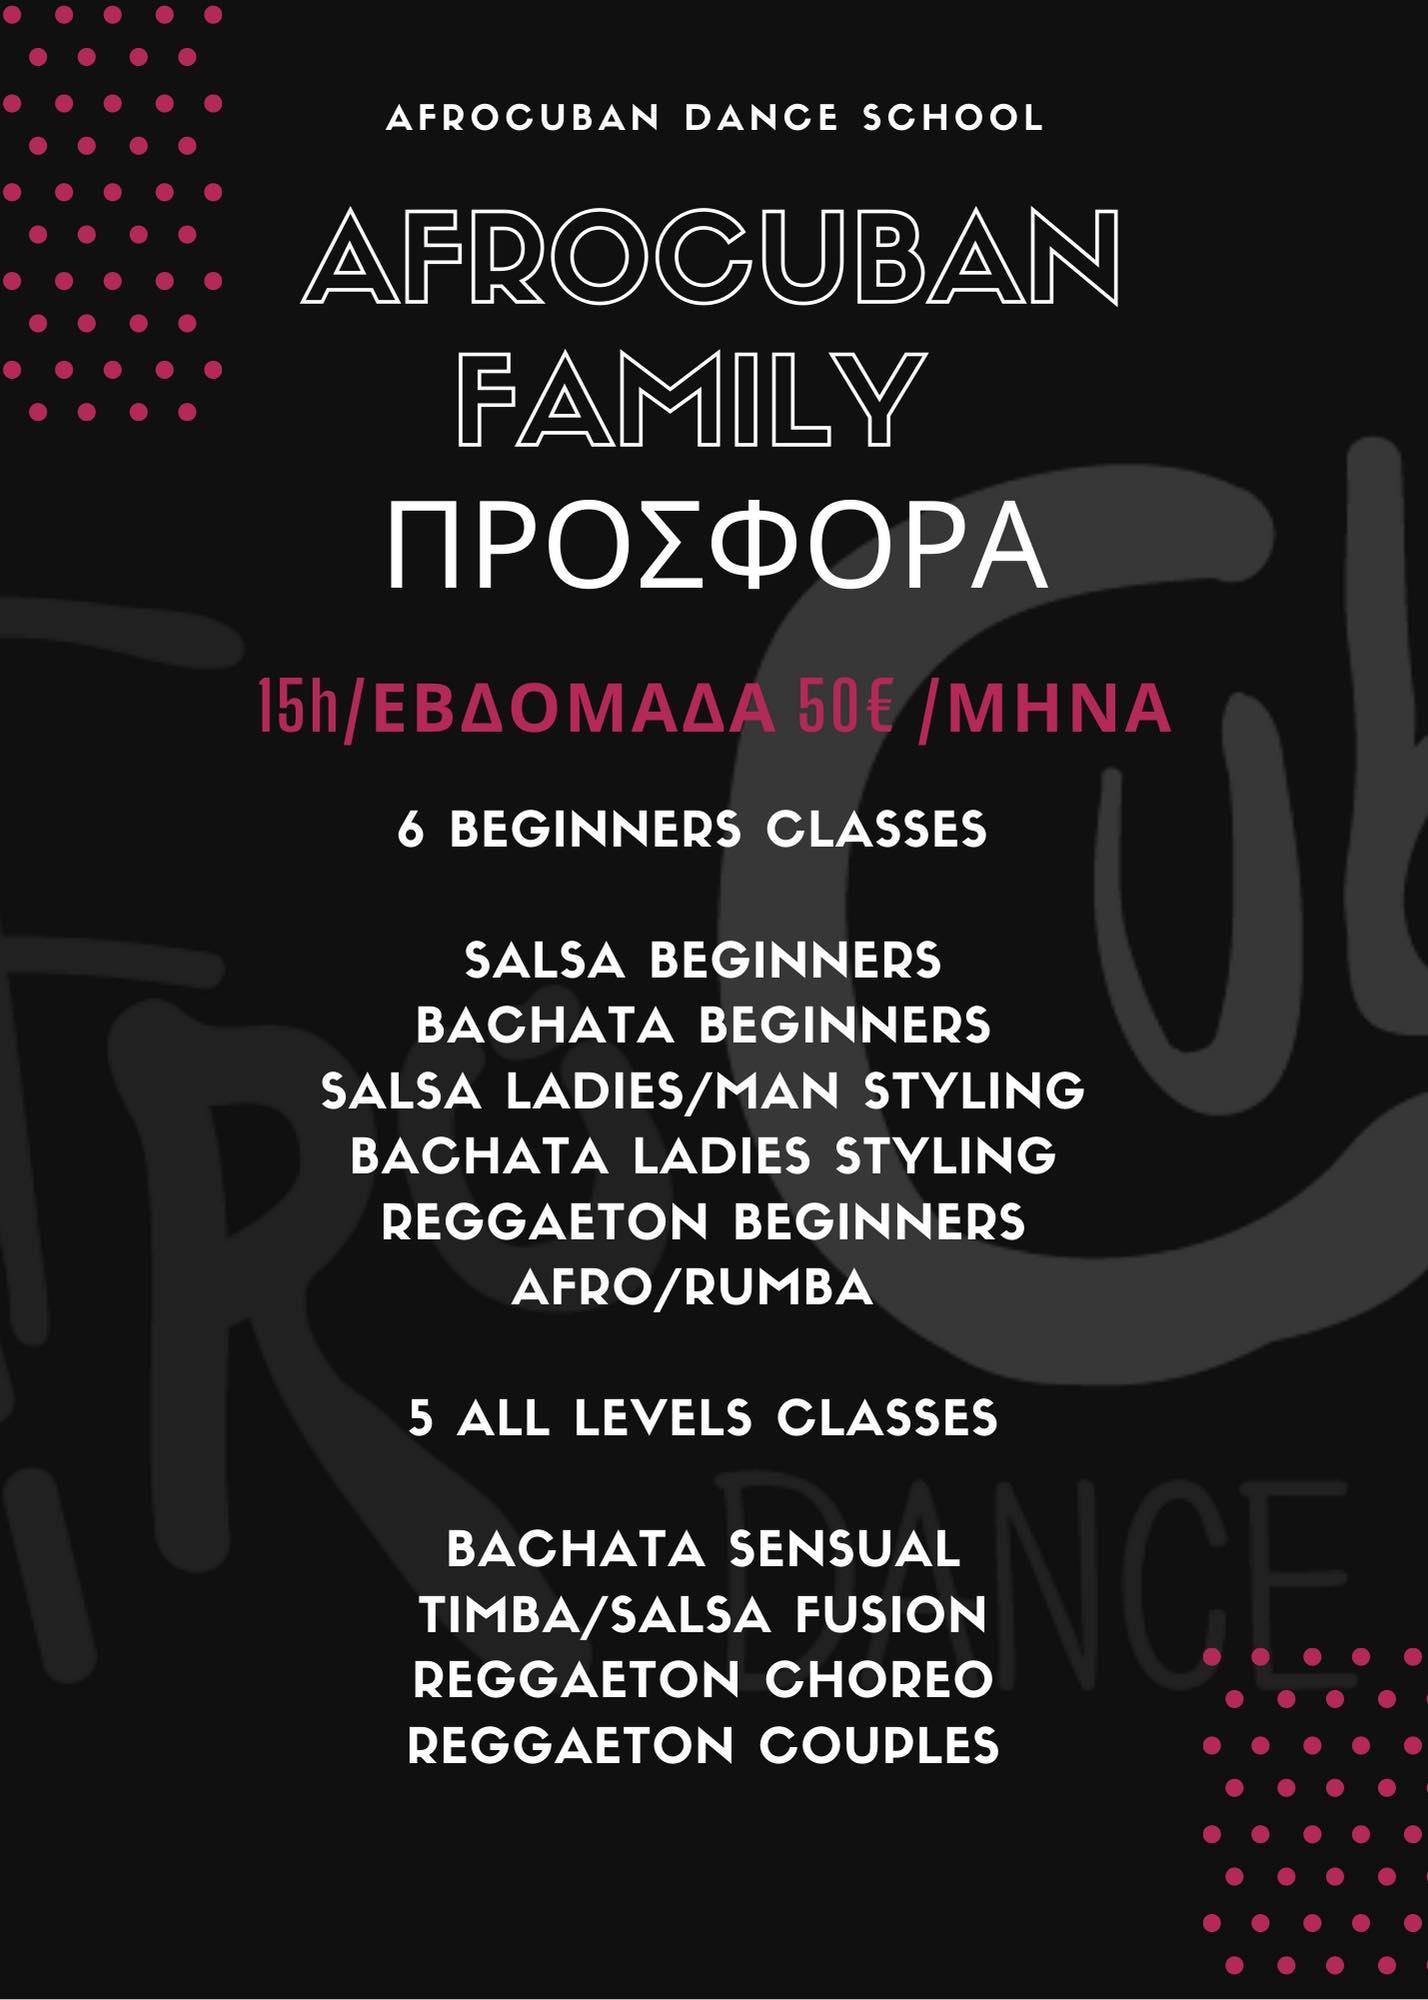 afrocuban family dance offer